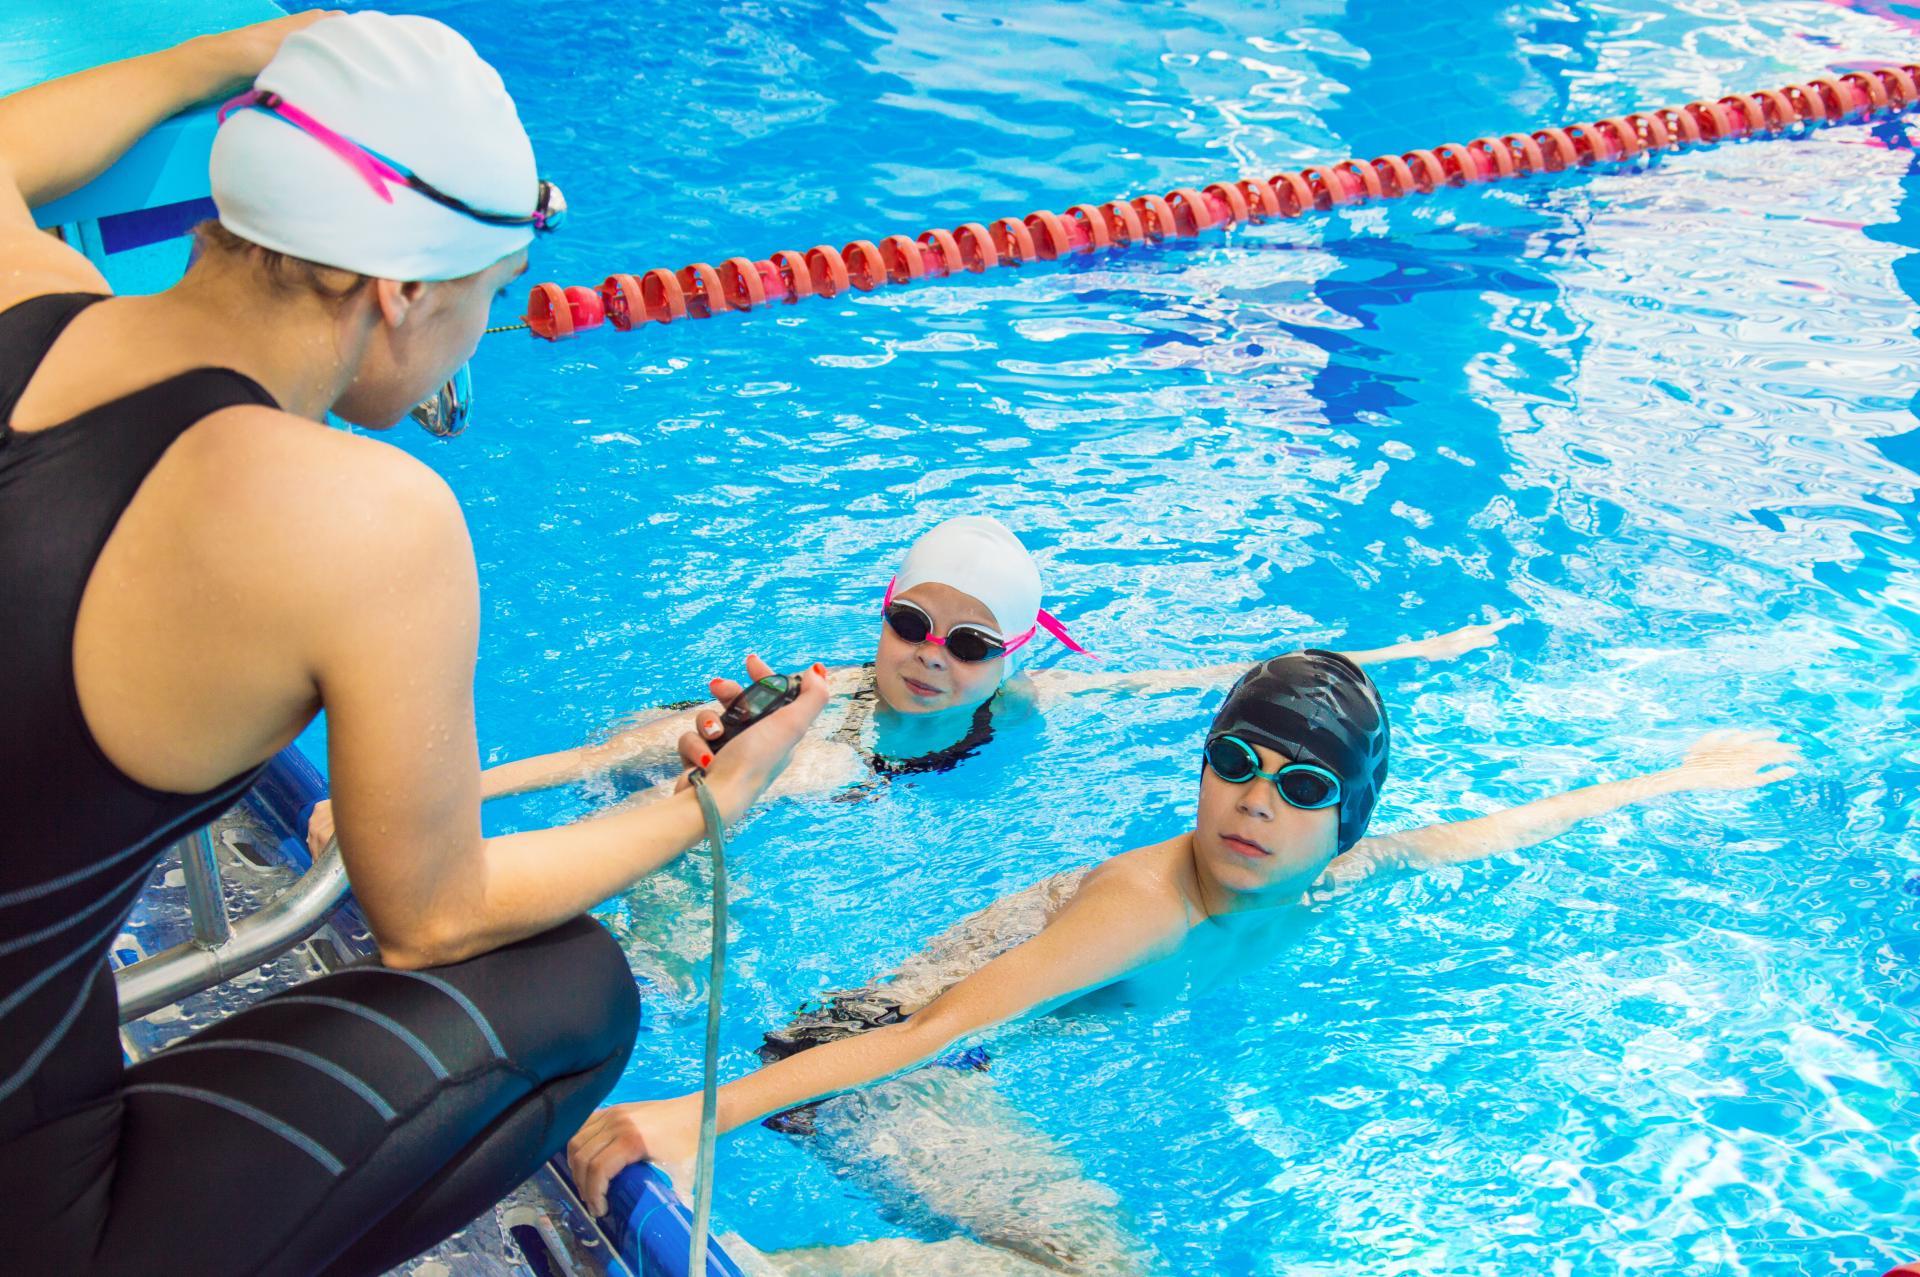 Deux enfants dans une piscine s'entraînent, leur entraîneur les chronomètre